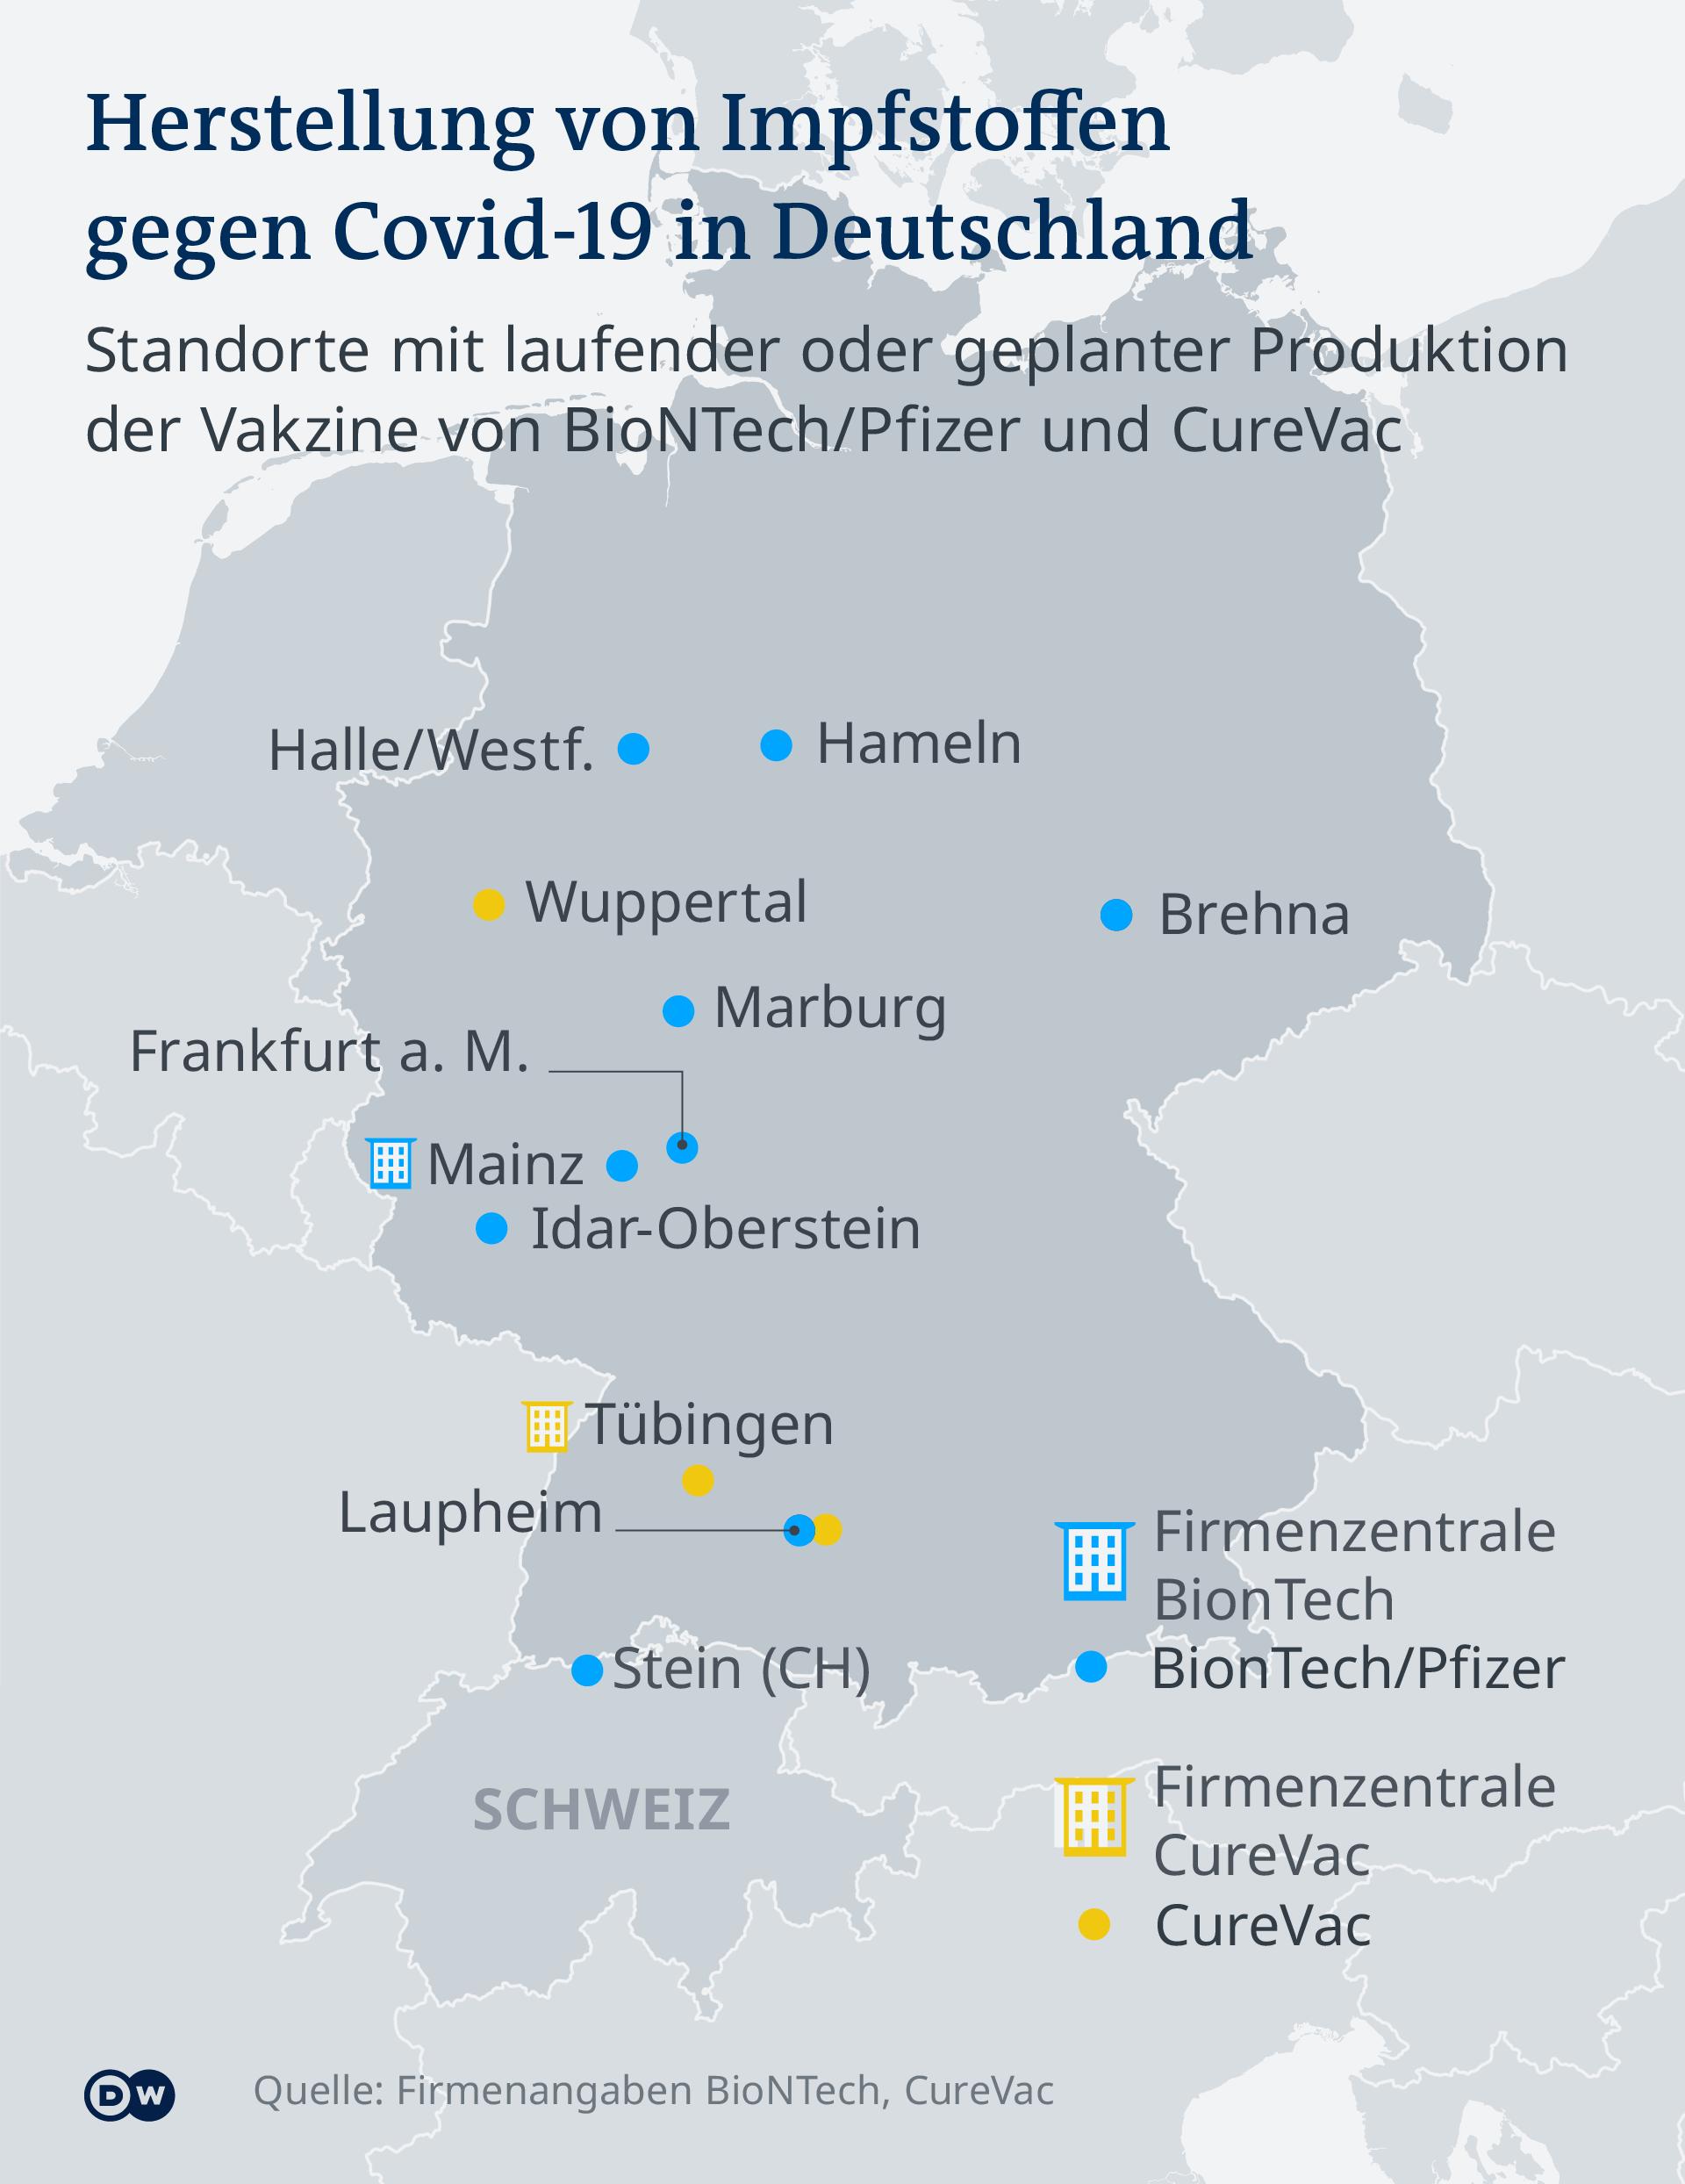 Infografik - Produktionsstaetten von Corona-Impfstoff in Deutschland - DE